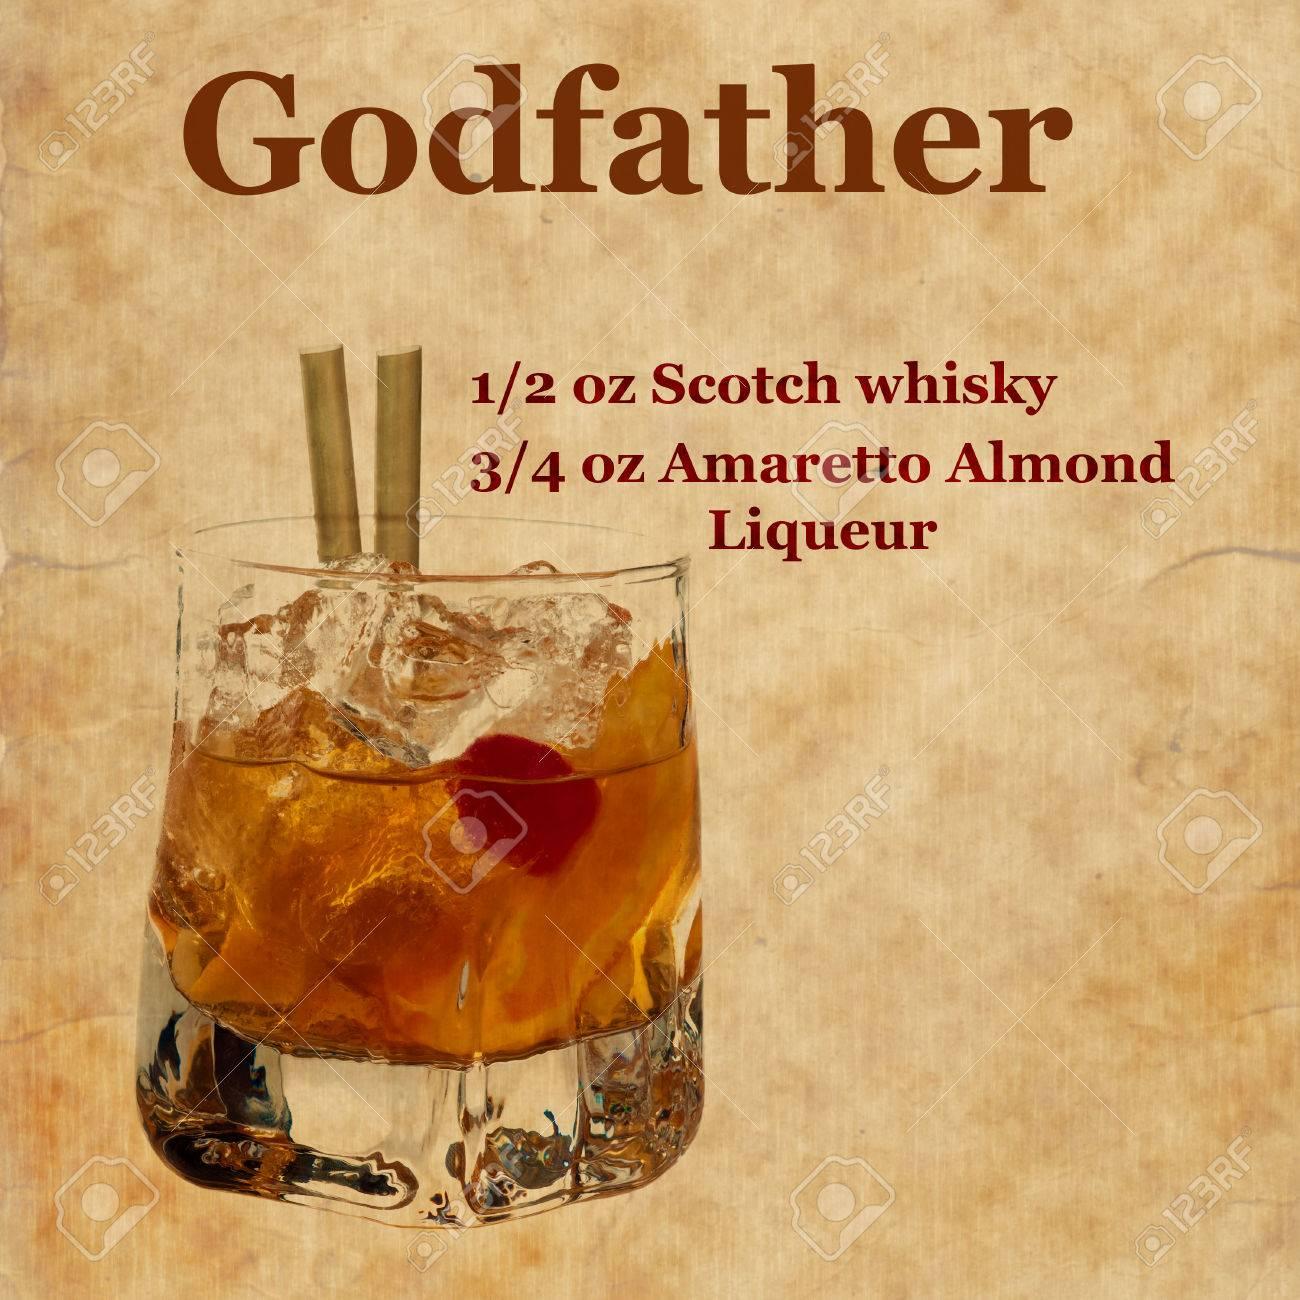 カクテル ゴッドファーザー おすすめのカクテル30選!初心者、お酒が苦手でも楽しめるものも。